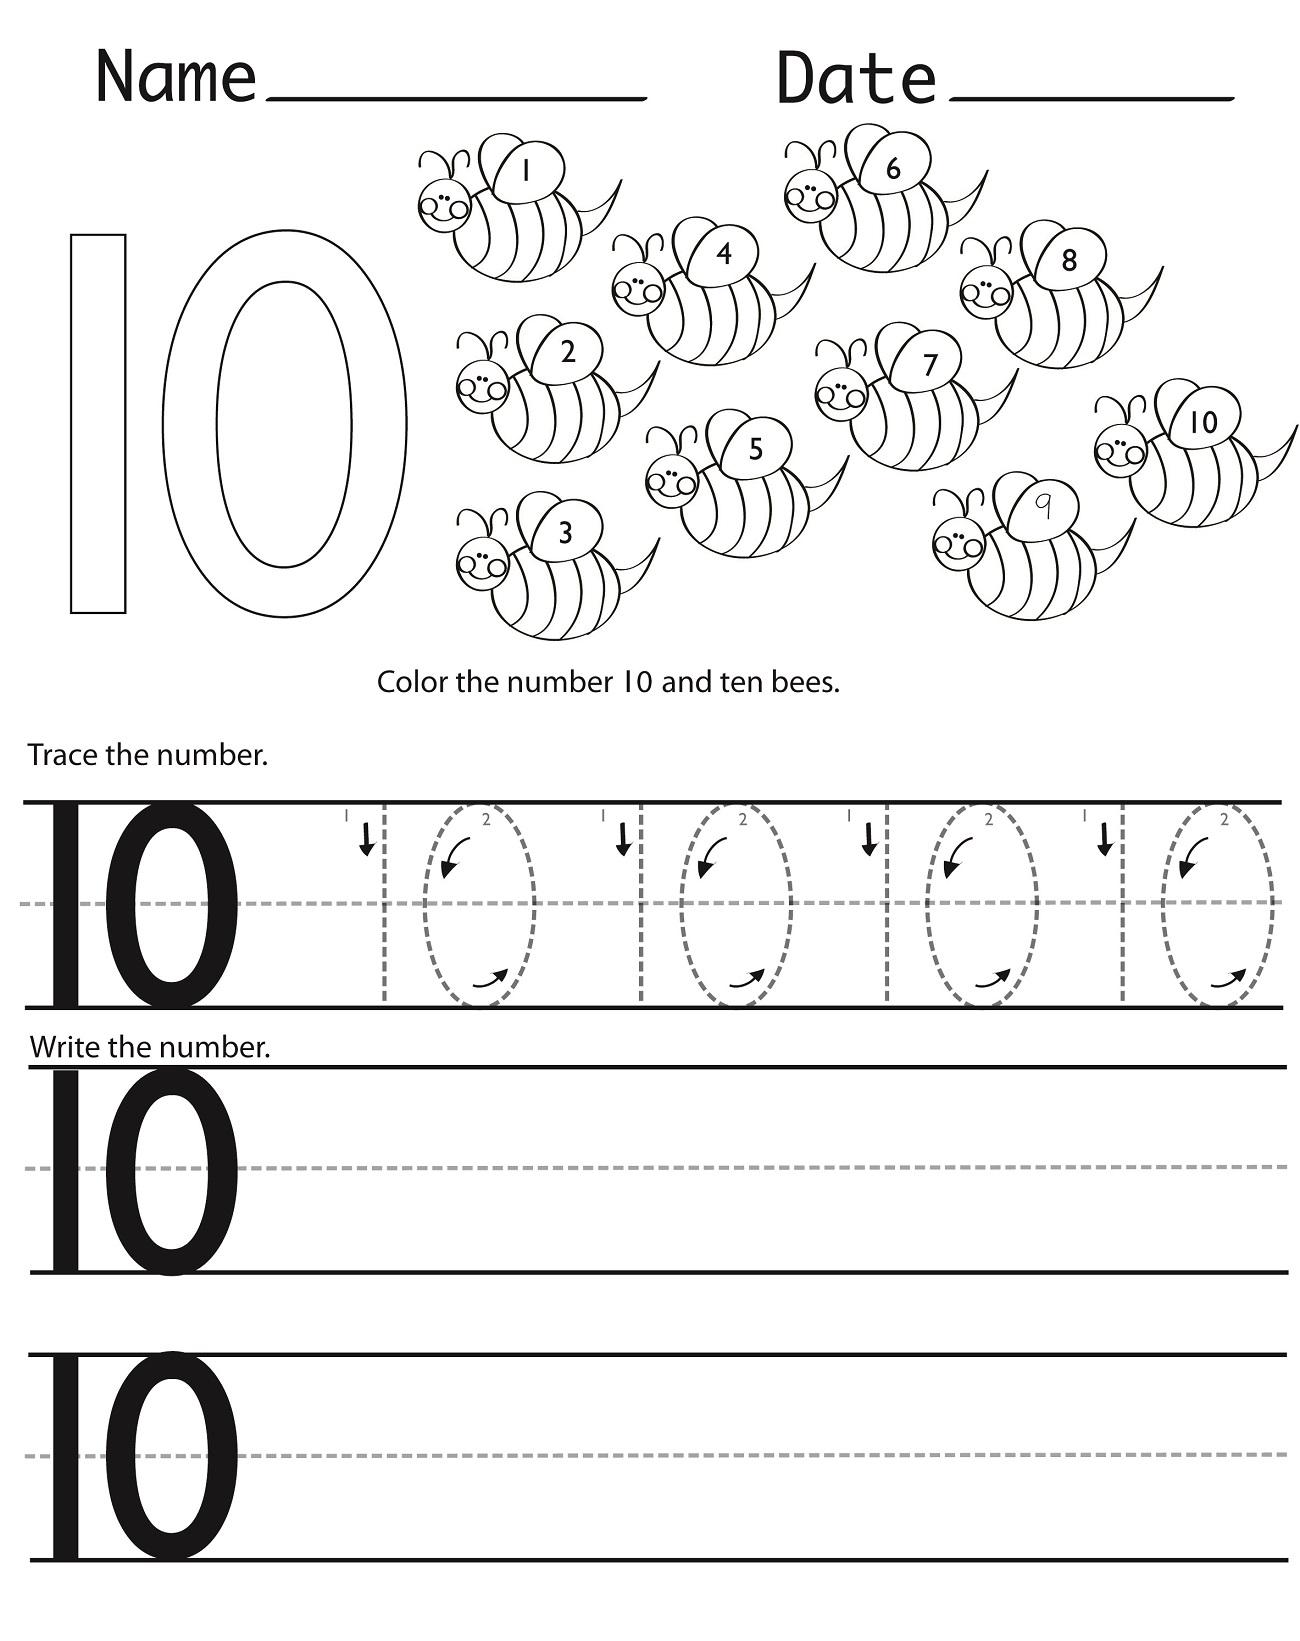 Number 10 Preschool Worksheets | Learning Printable